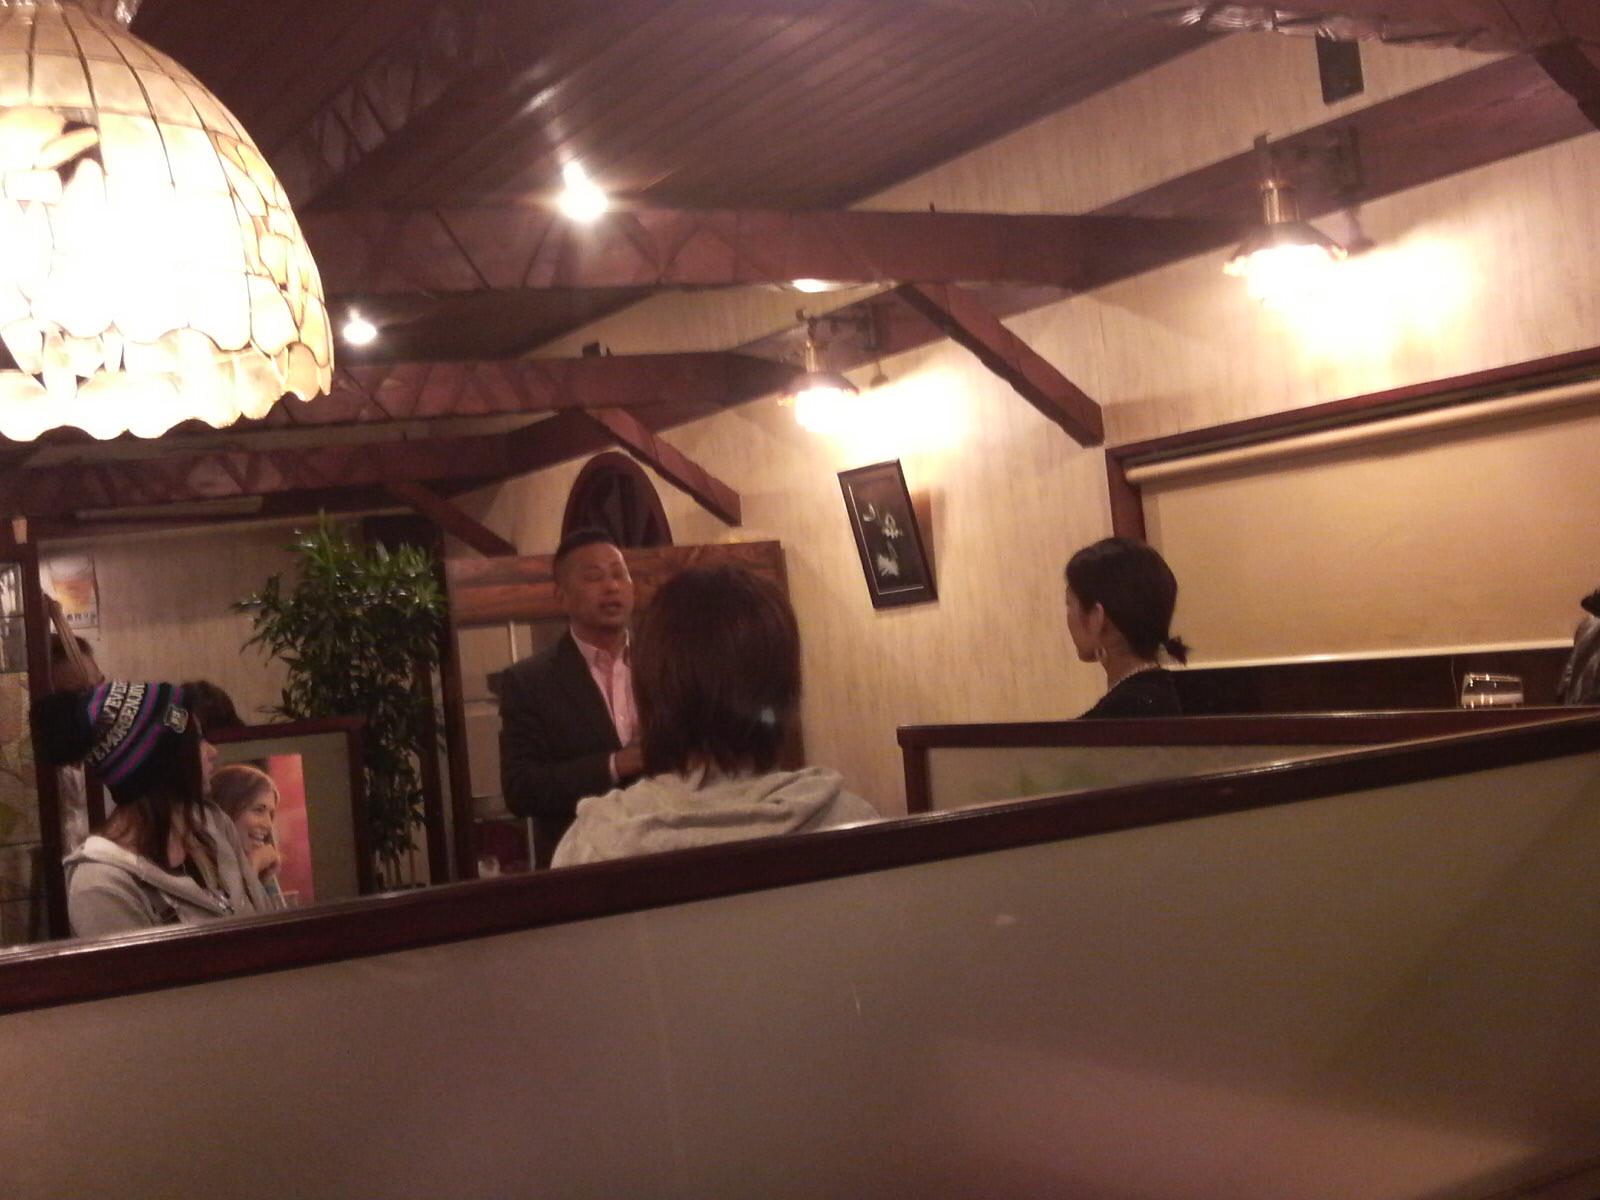 愛媛ラーメン博お疲れさまでした^_^)<br />  /▼☆▼\(^_^)